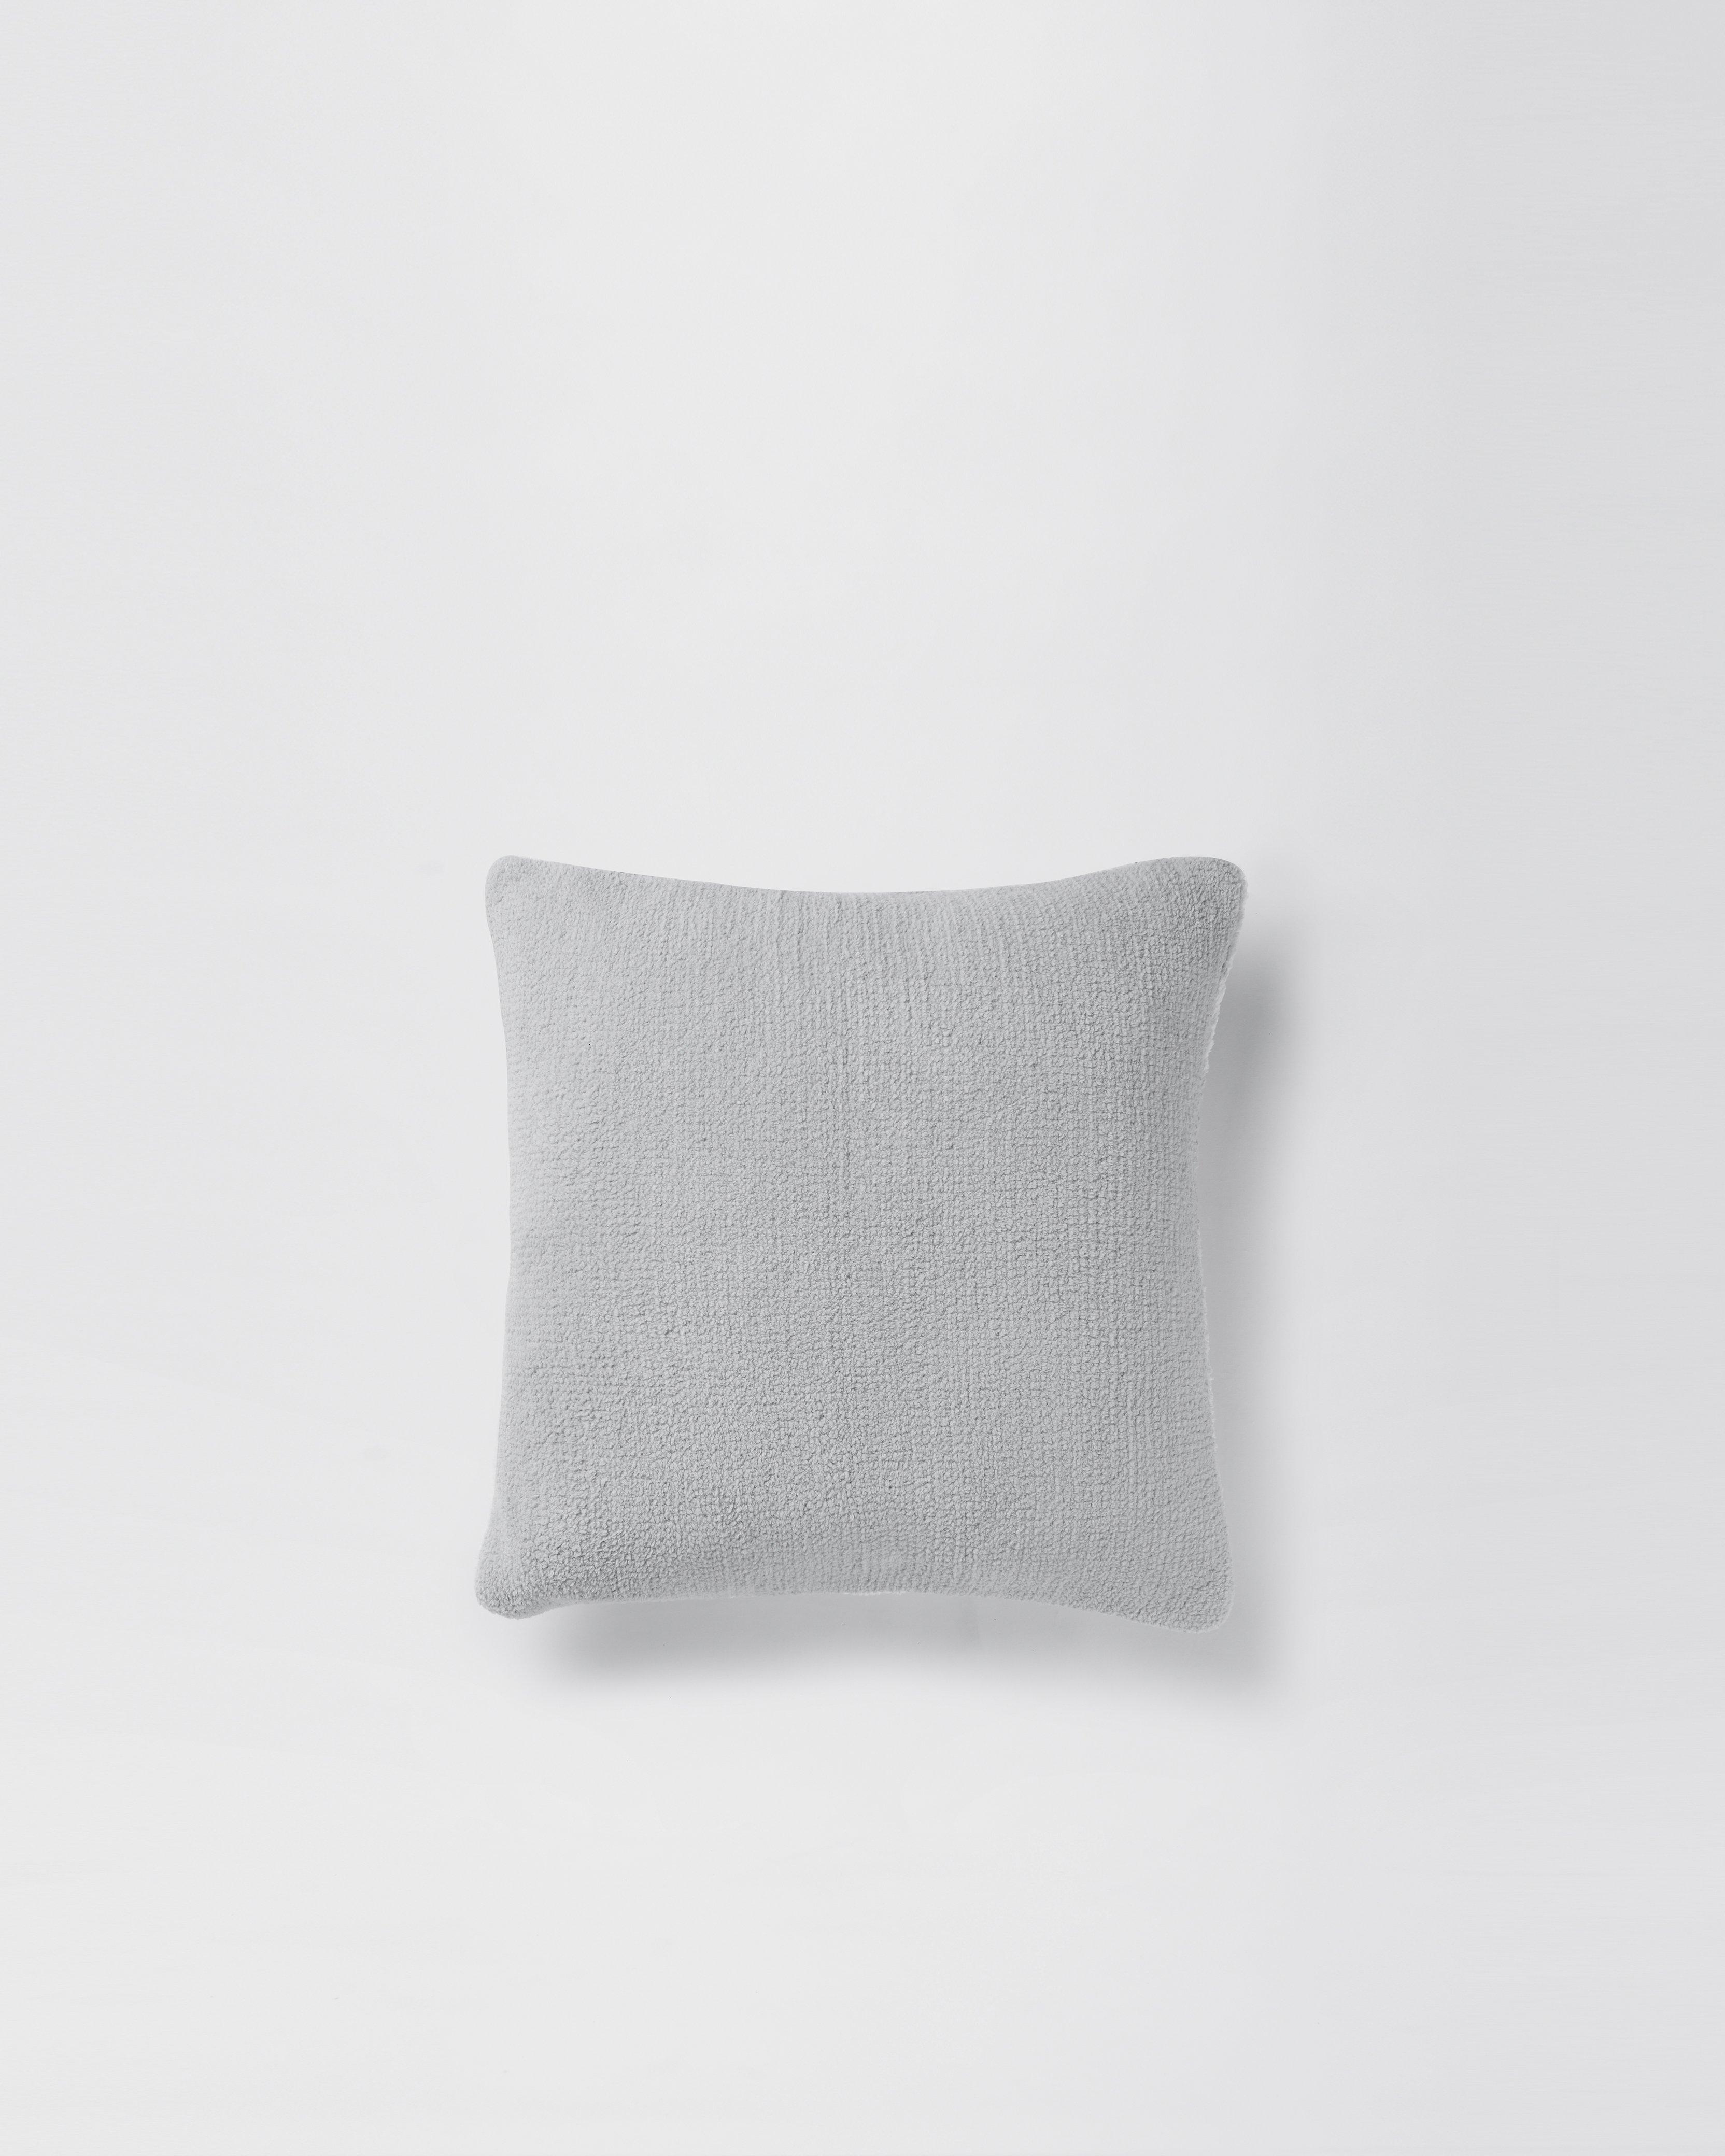 Snug Throw Pillow